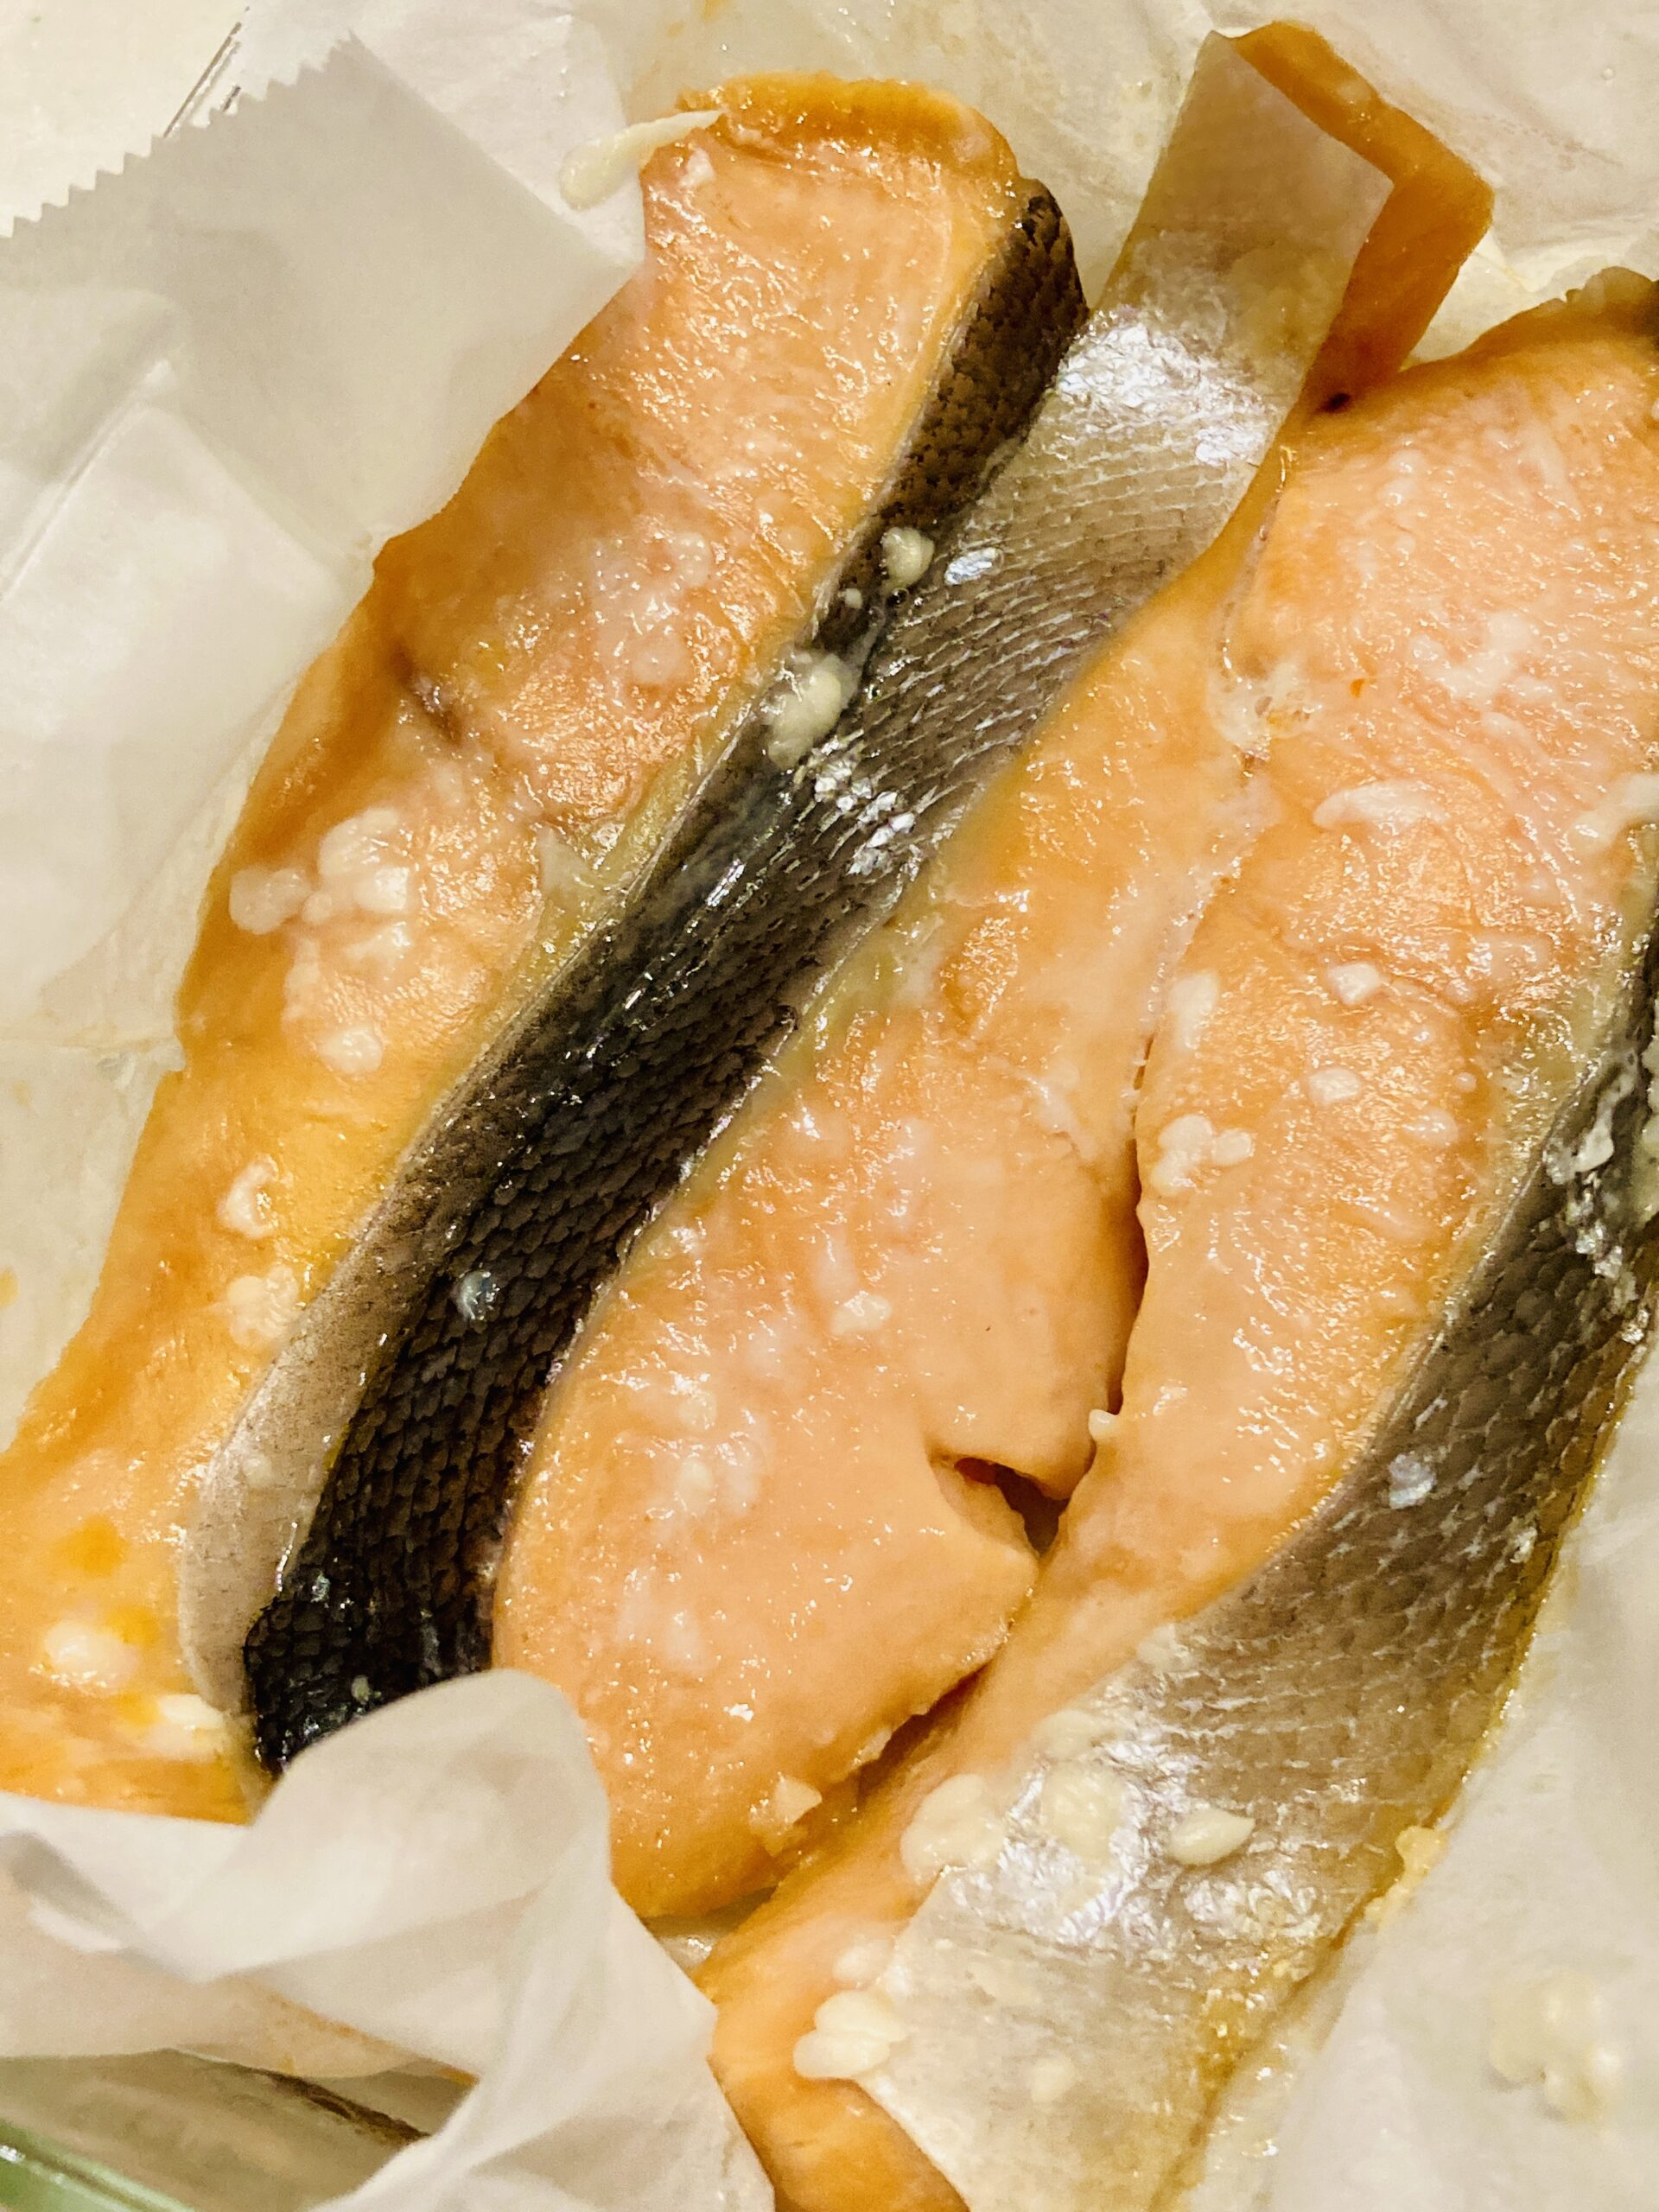 寝かせた後の鮭を耐熱容器にクッキングシートを敷き、その上に塩こうじ漬けした鮭を並べ、600Wの電子レンジで4分30秒加熱します